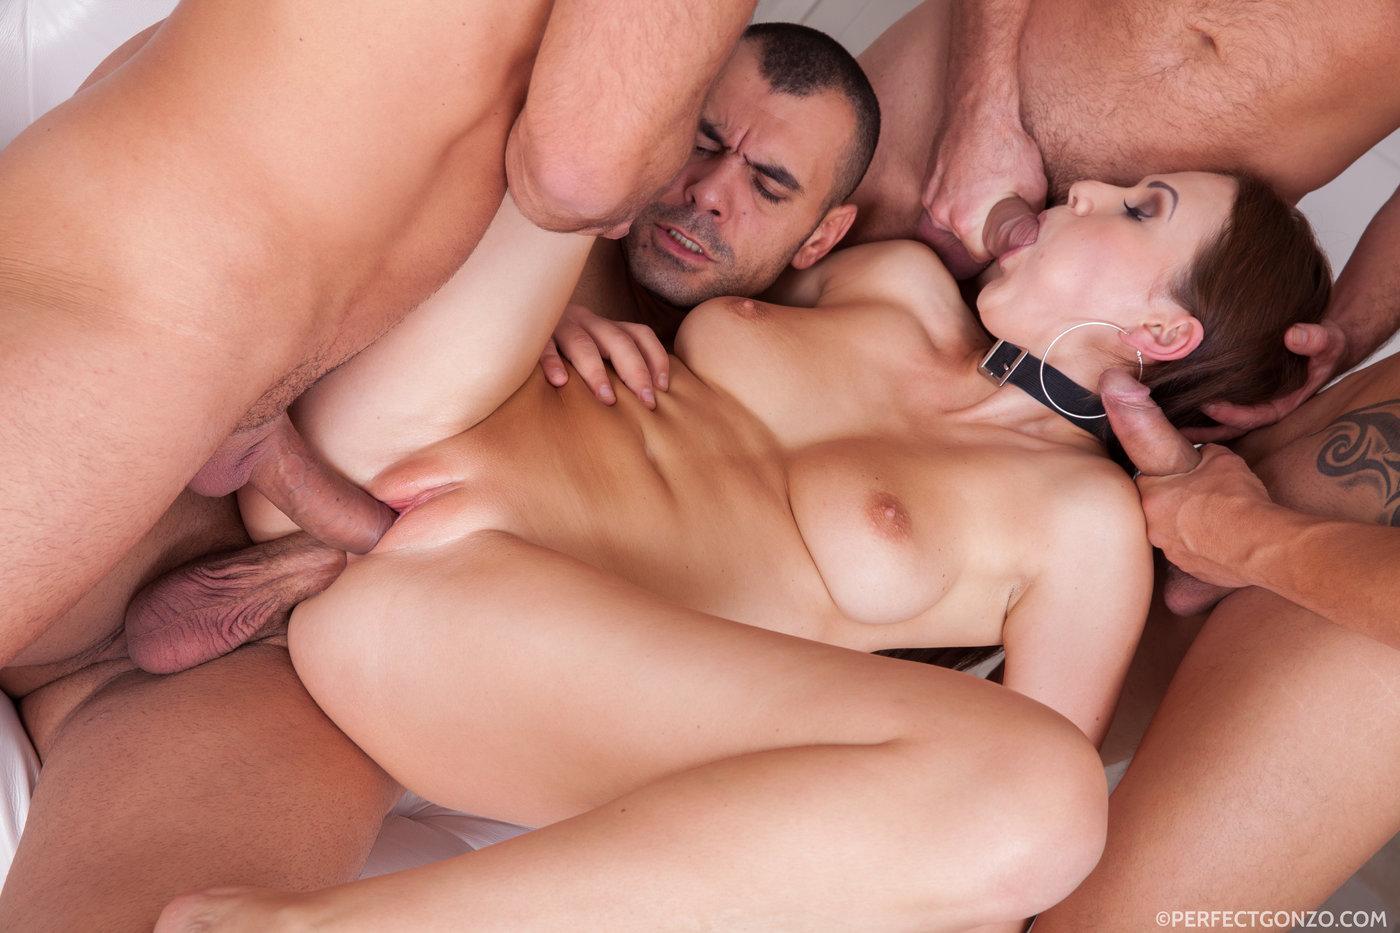 фото порно секса группового болота